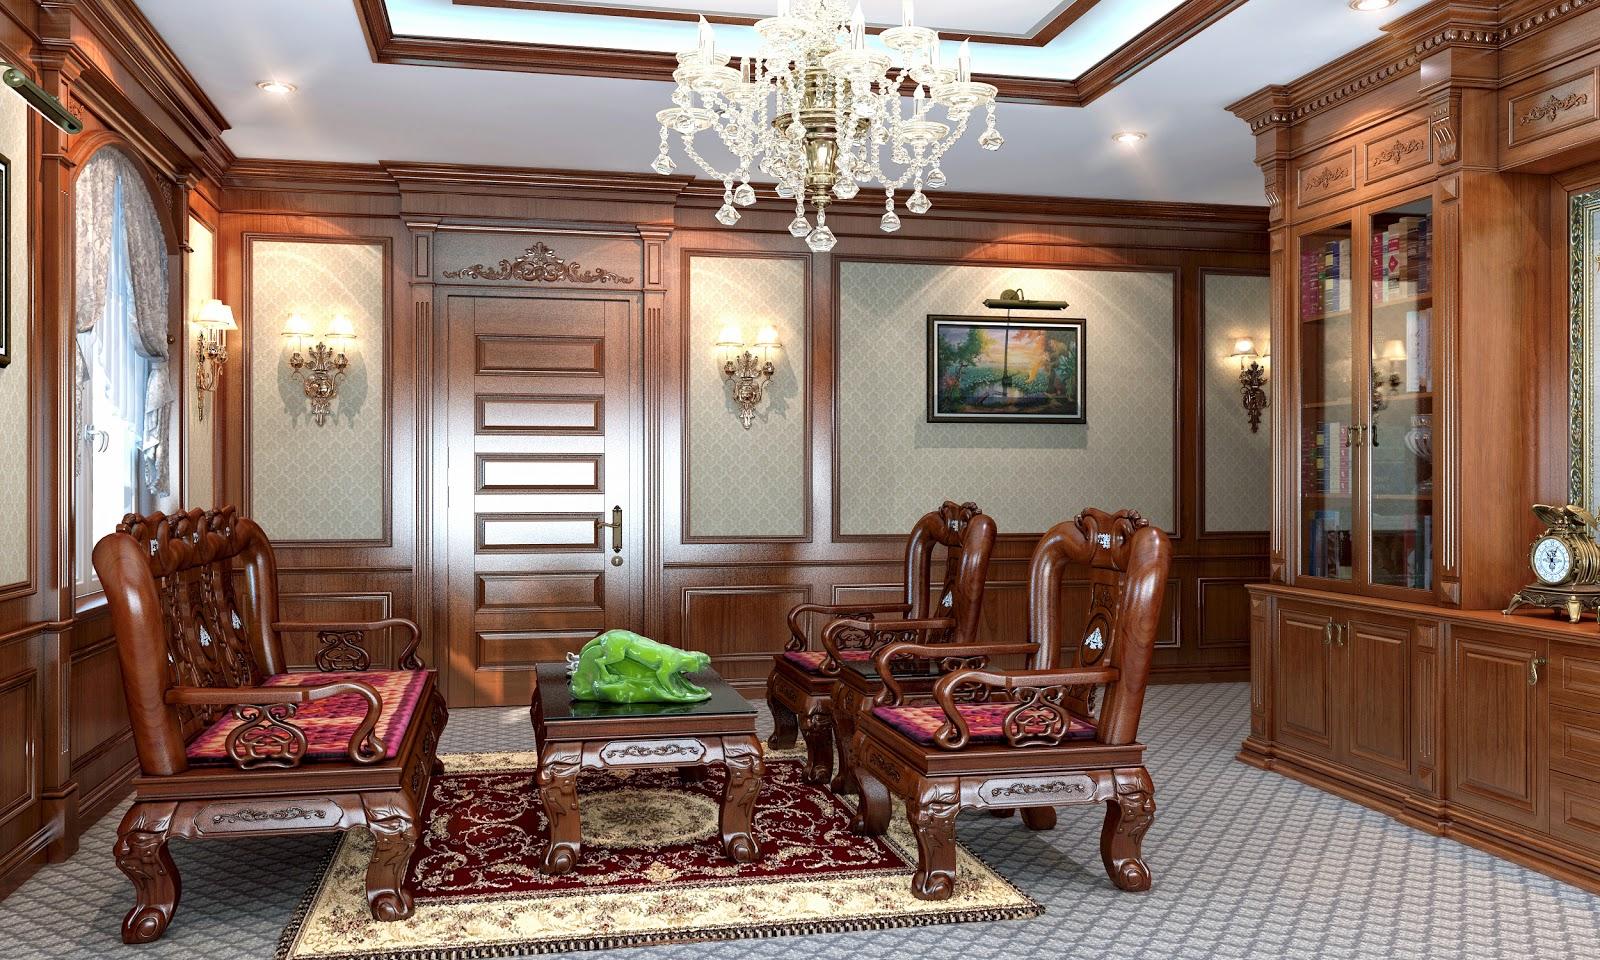 mẫu phòng khách cổ điển đẹp bằng gỗ tự nhiên cao cấp